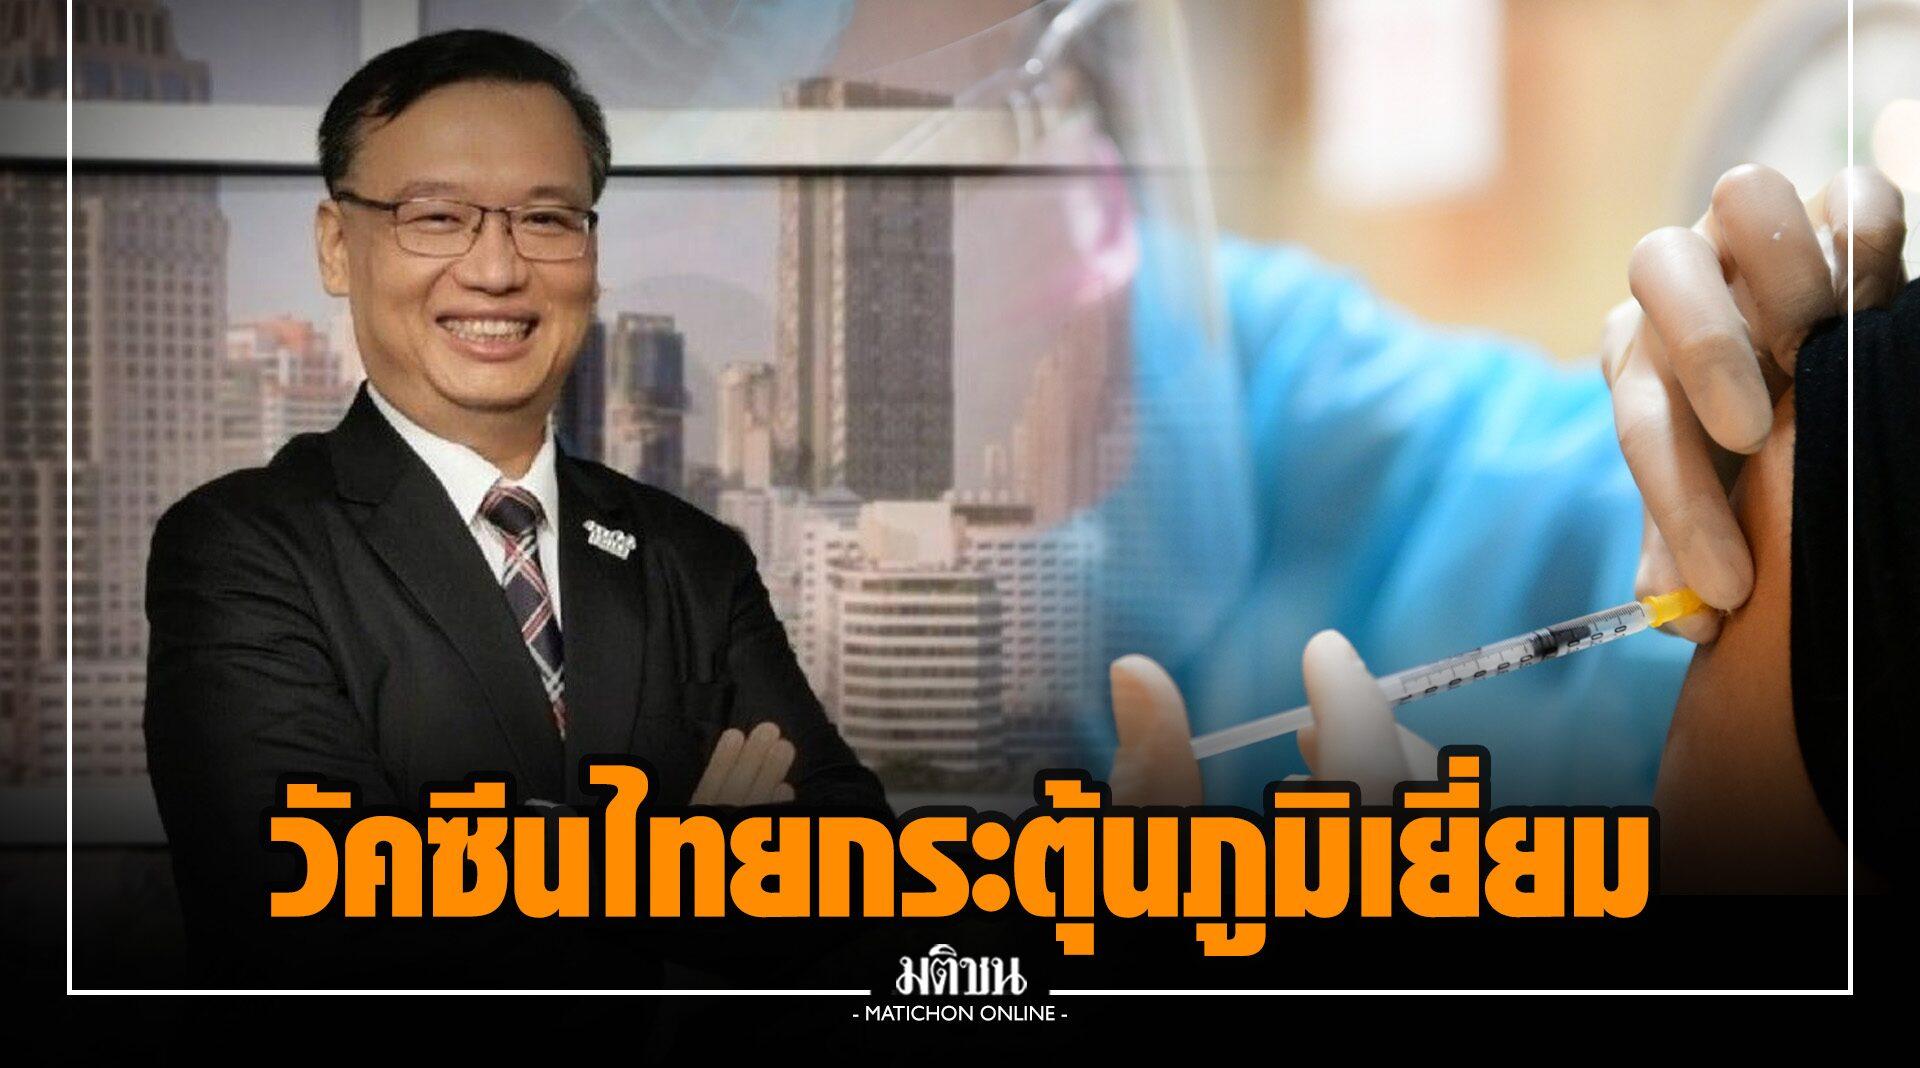 'นักไวรัสวิทยา' แย้ม วัคซีนโควิดฝีมือคนไทย ทดสอบในคนแล้ว พบกระตุ้นภูมิดีกว่า 'ซิโนแวค-ซิโนฟาร์ม'